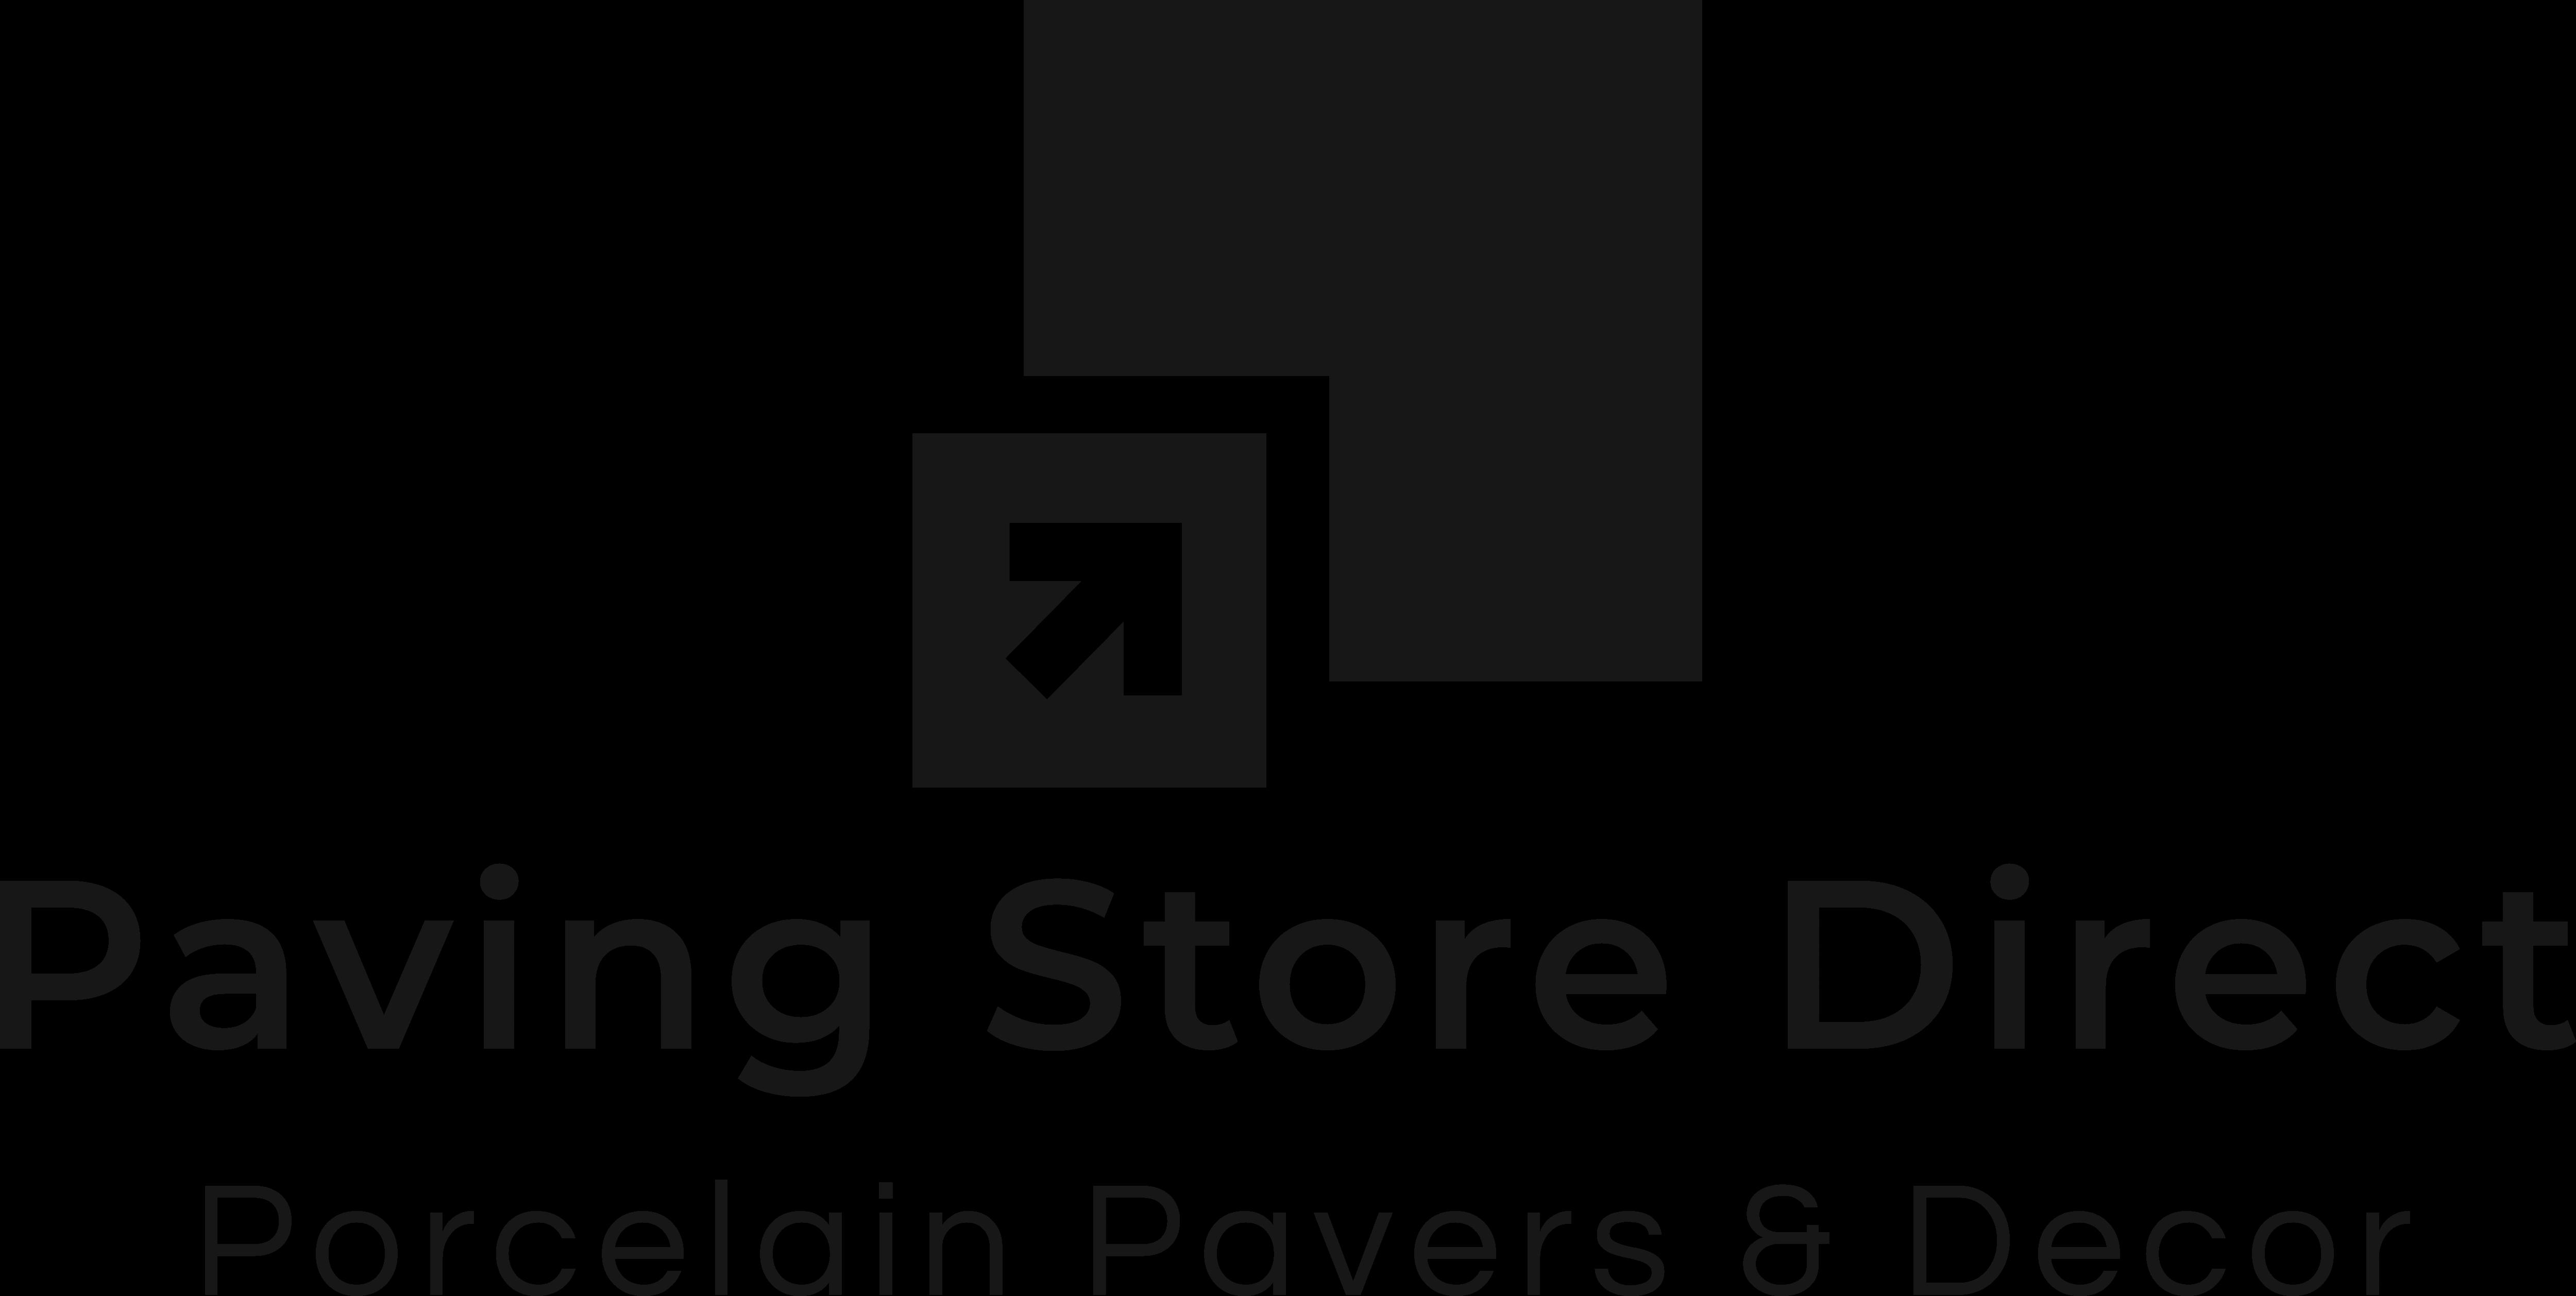 Paving Store Direct – Porcelain Paving & Decor